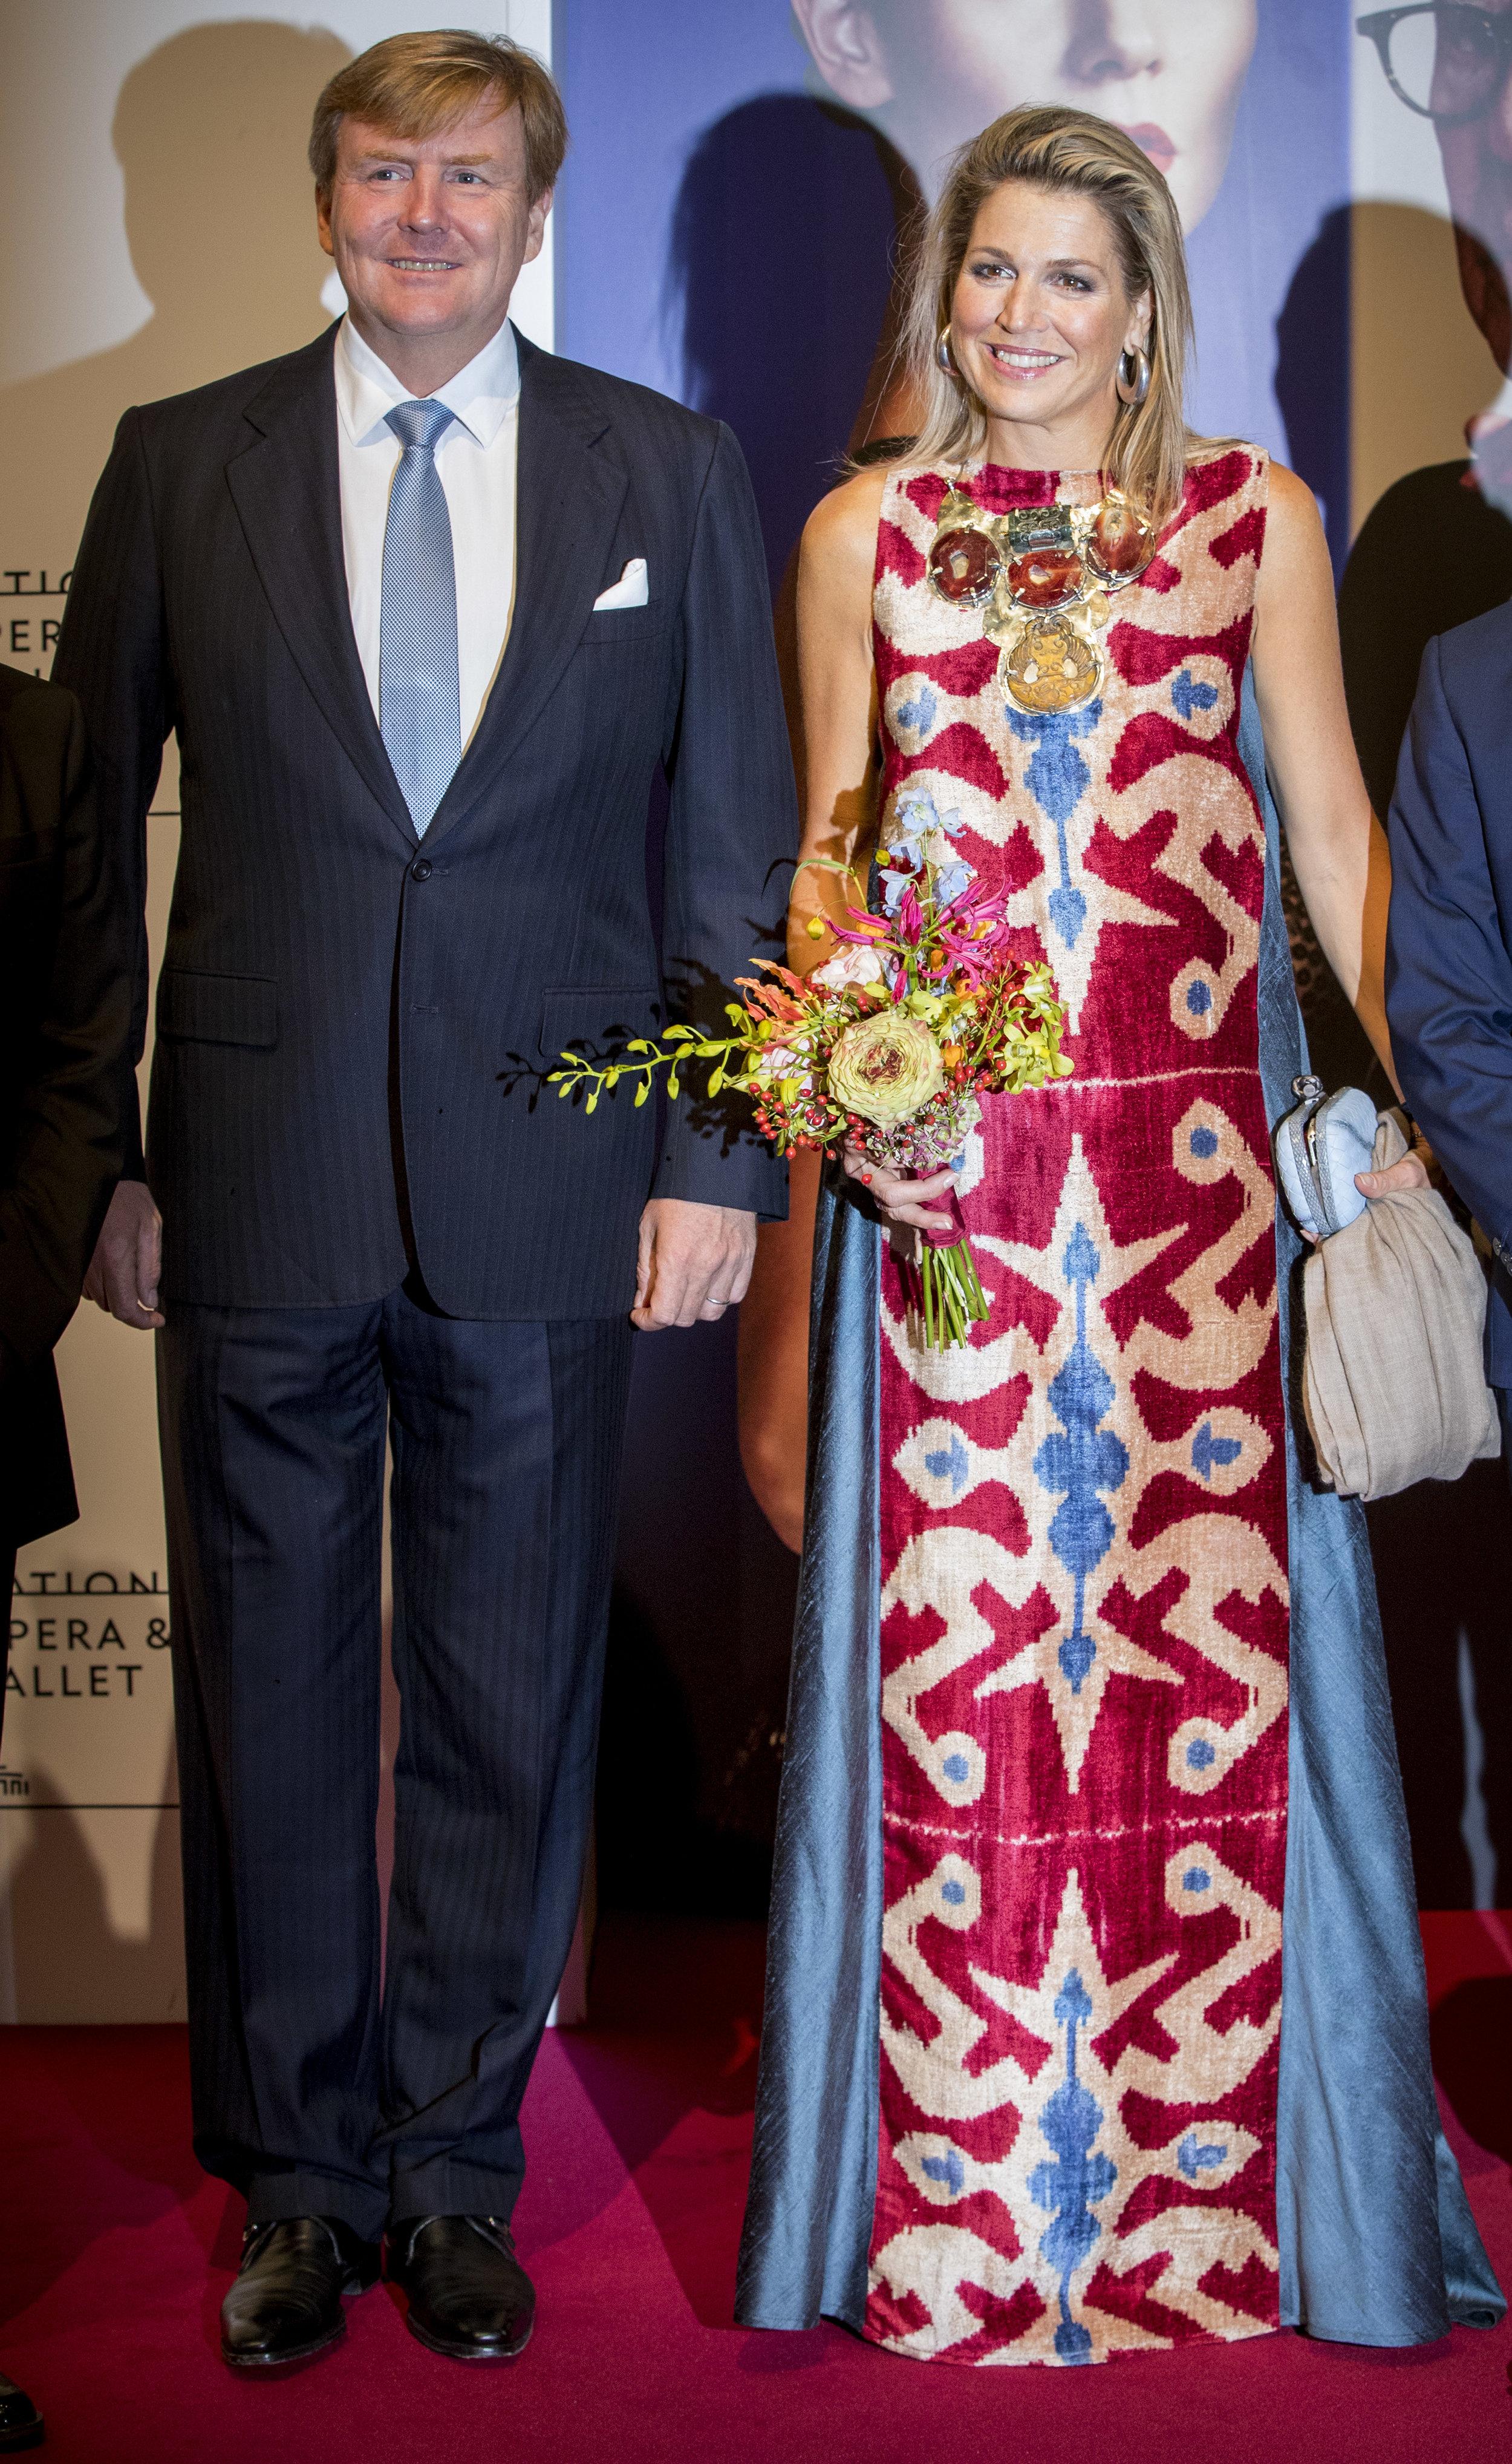 Dieses extravagante Kleid der Monarchin kam nicht überall gut an.  © Getty Images